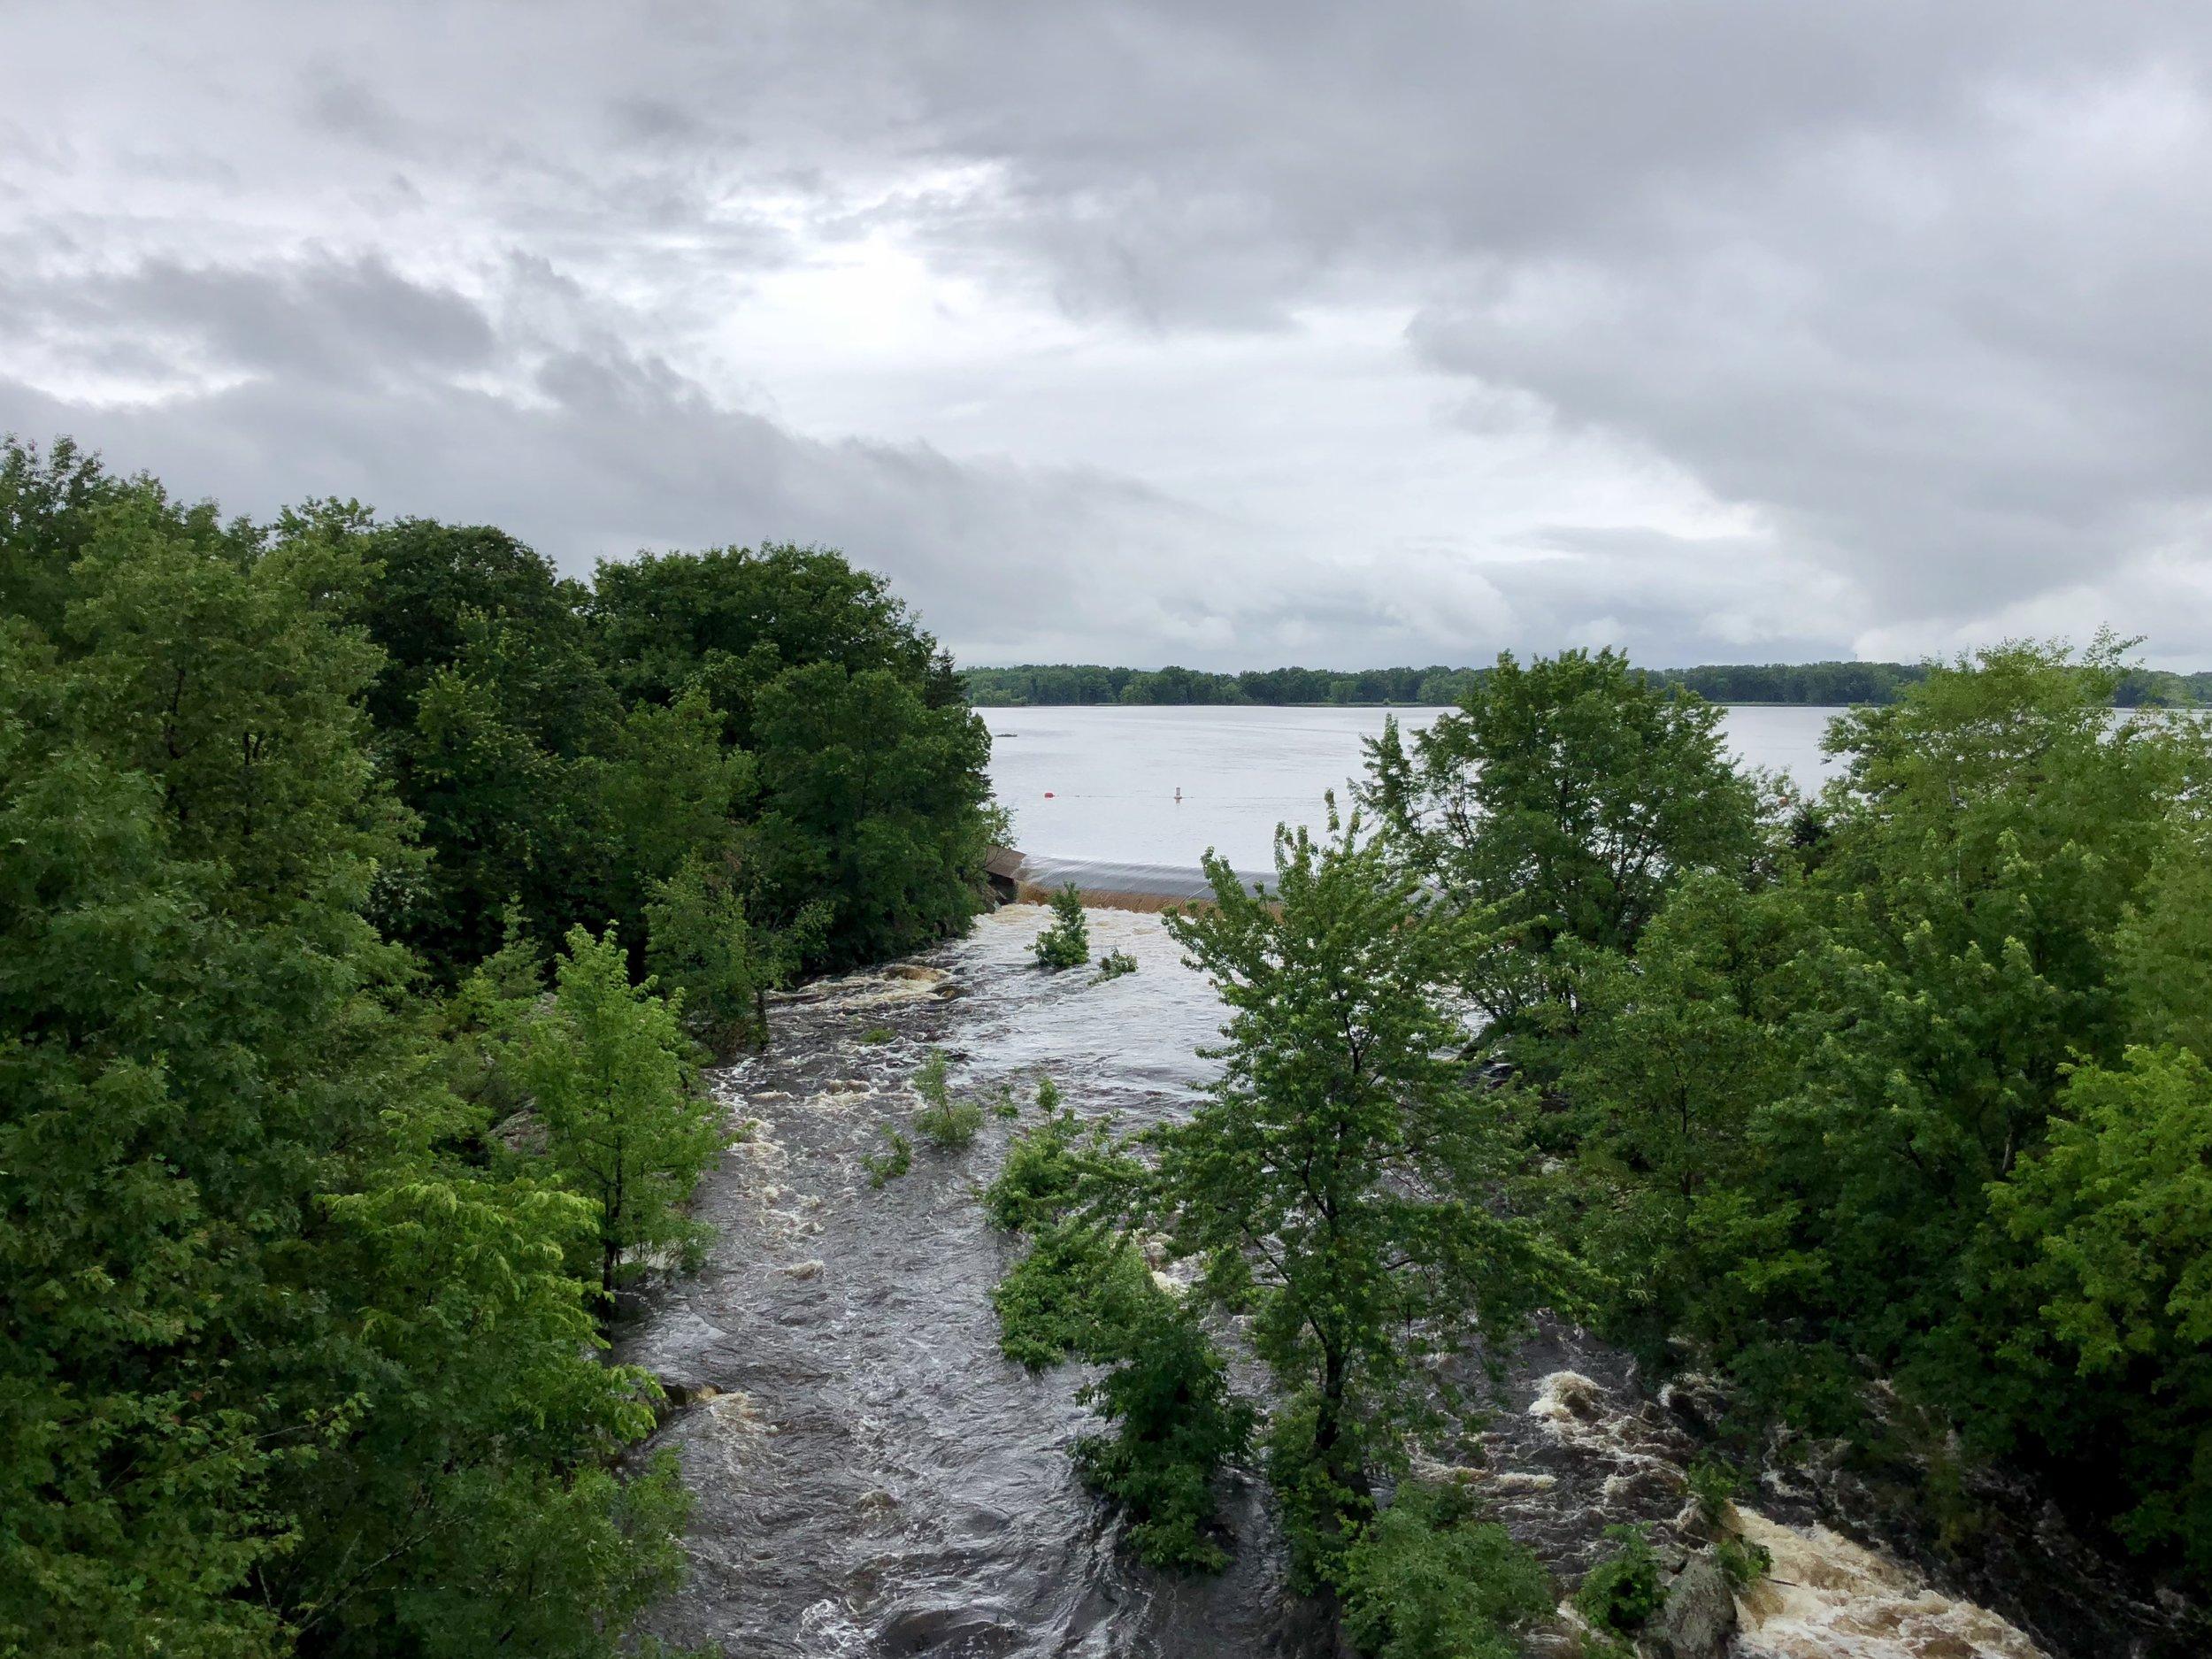 The swollen Wisconsin River.